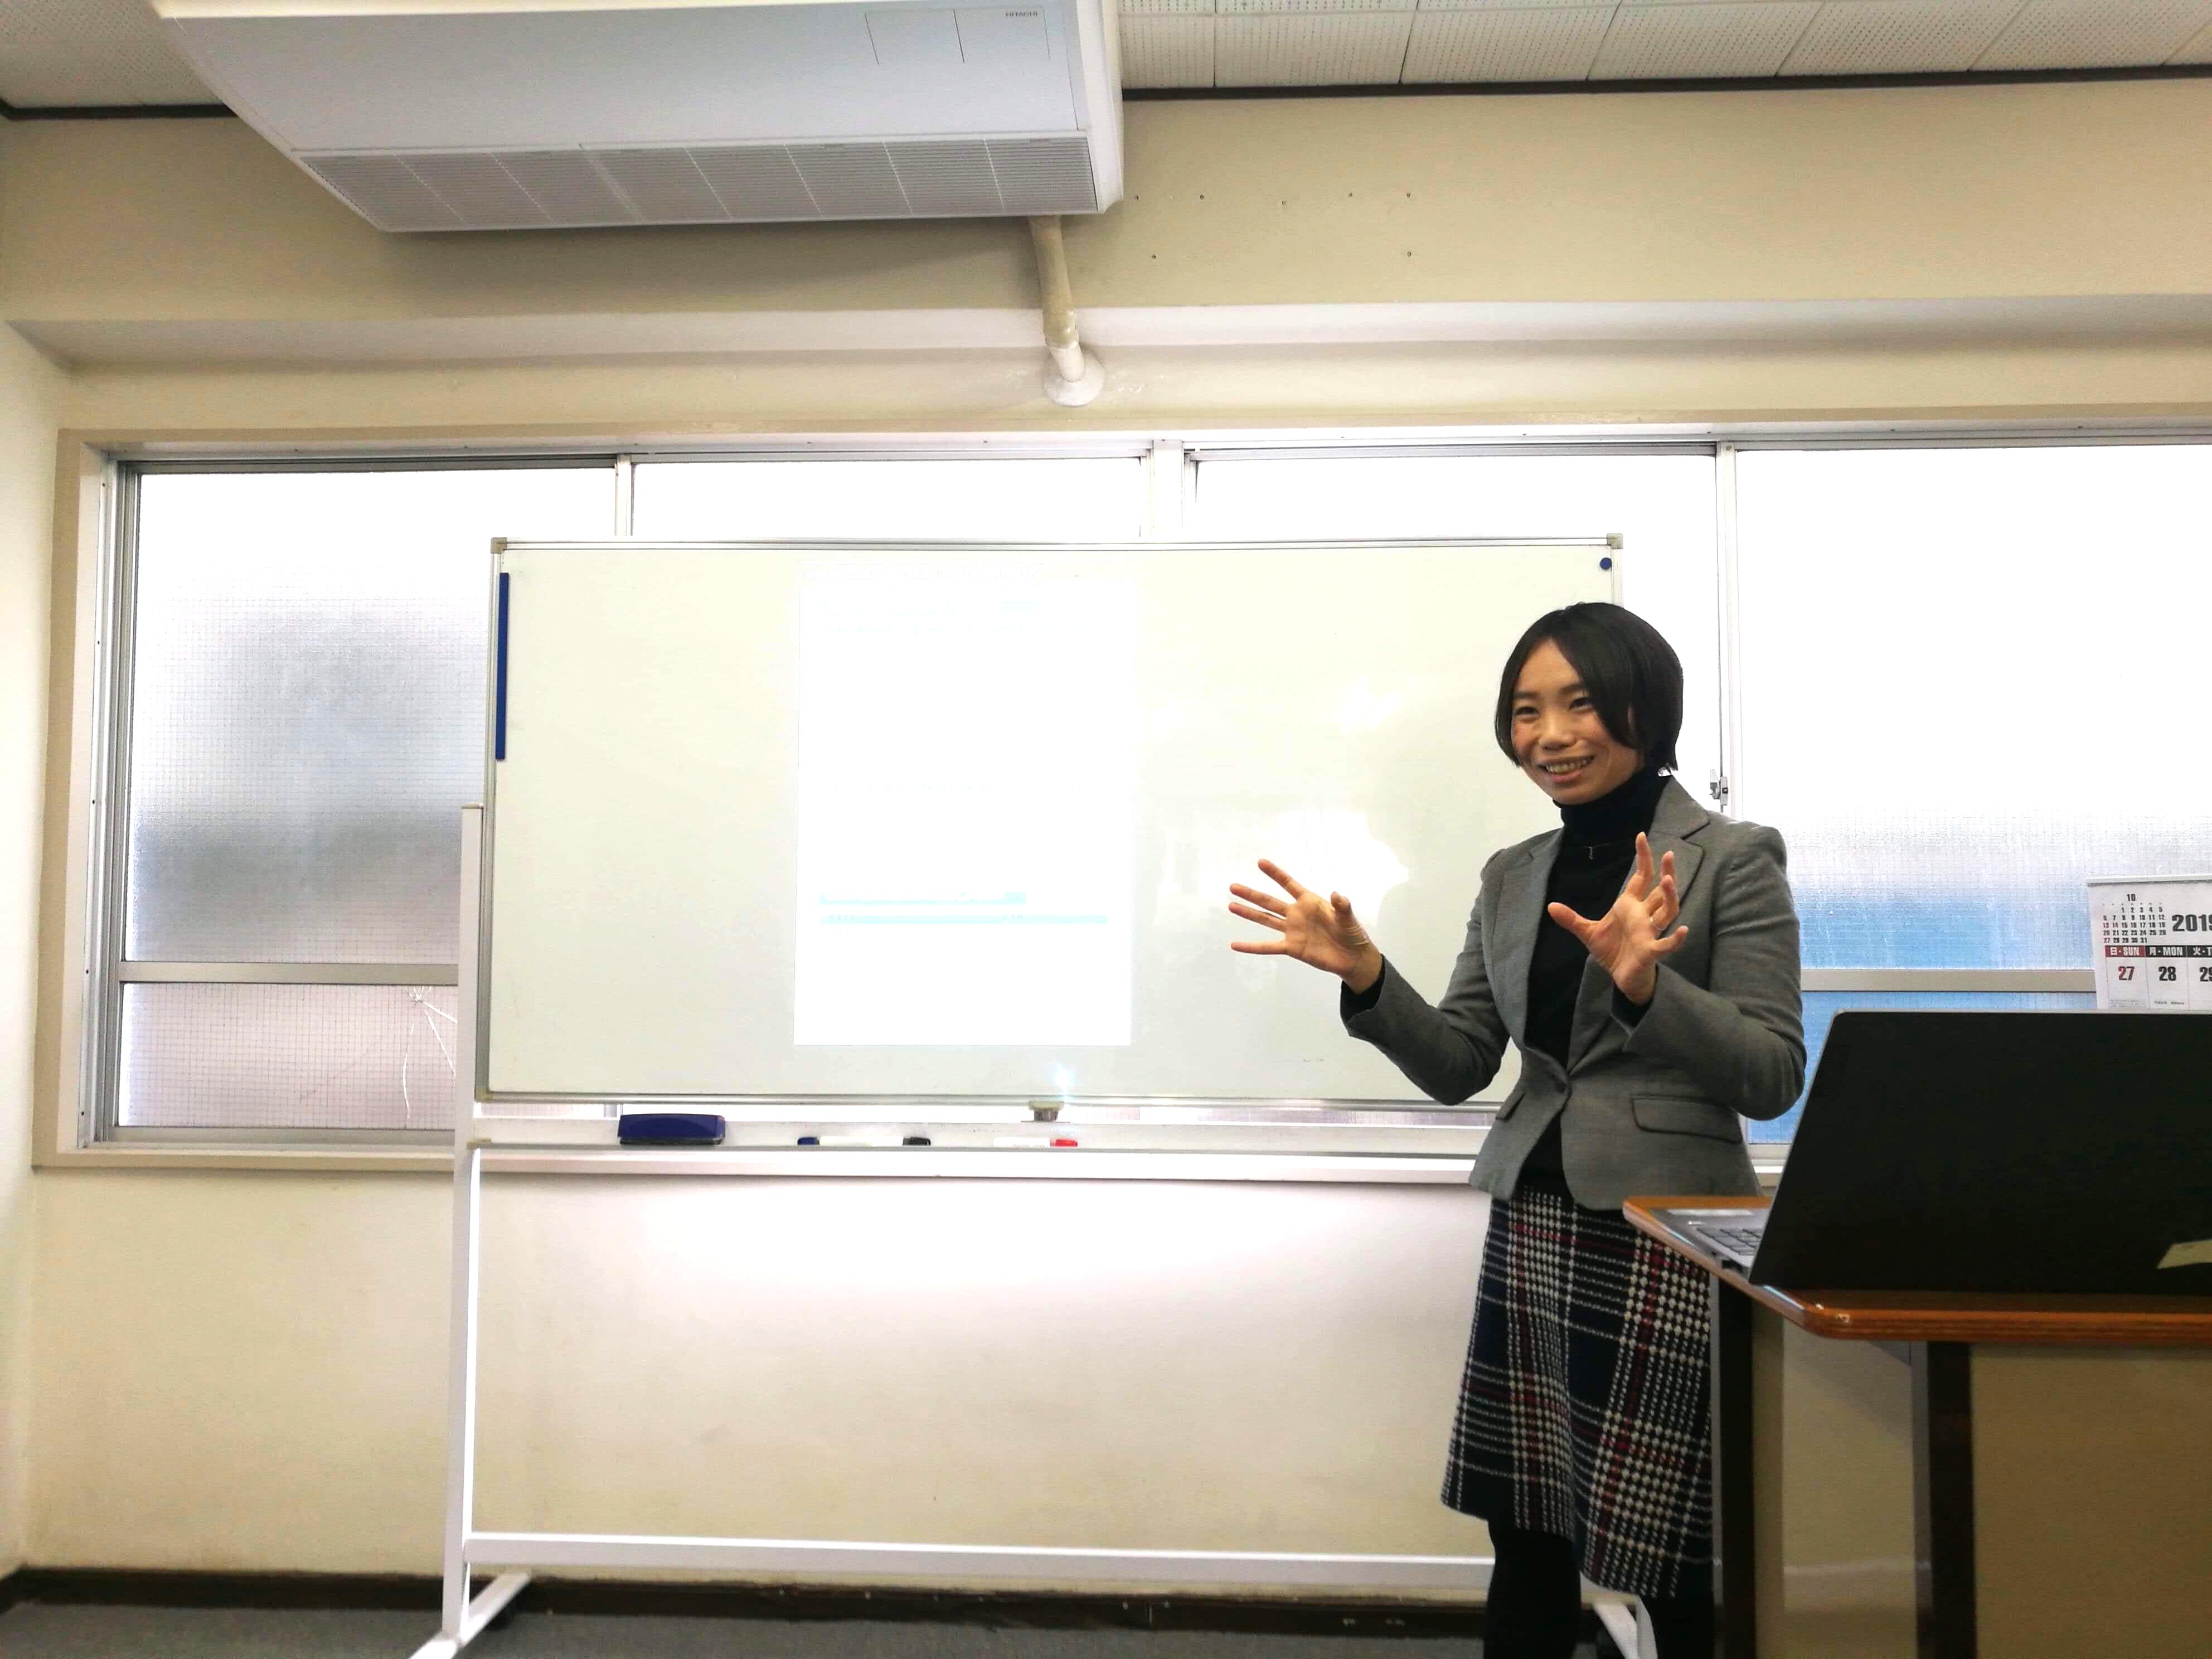 「日本語教師 進路指導基礎講座」にて採用戦略マネージャーの柳川が登壇しました